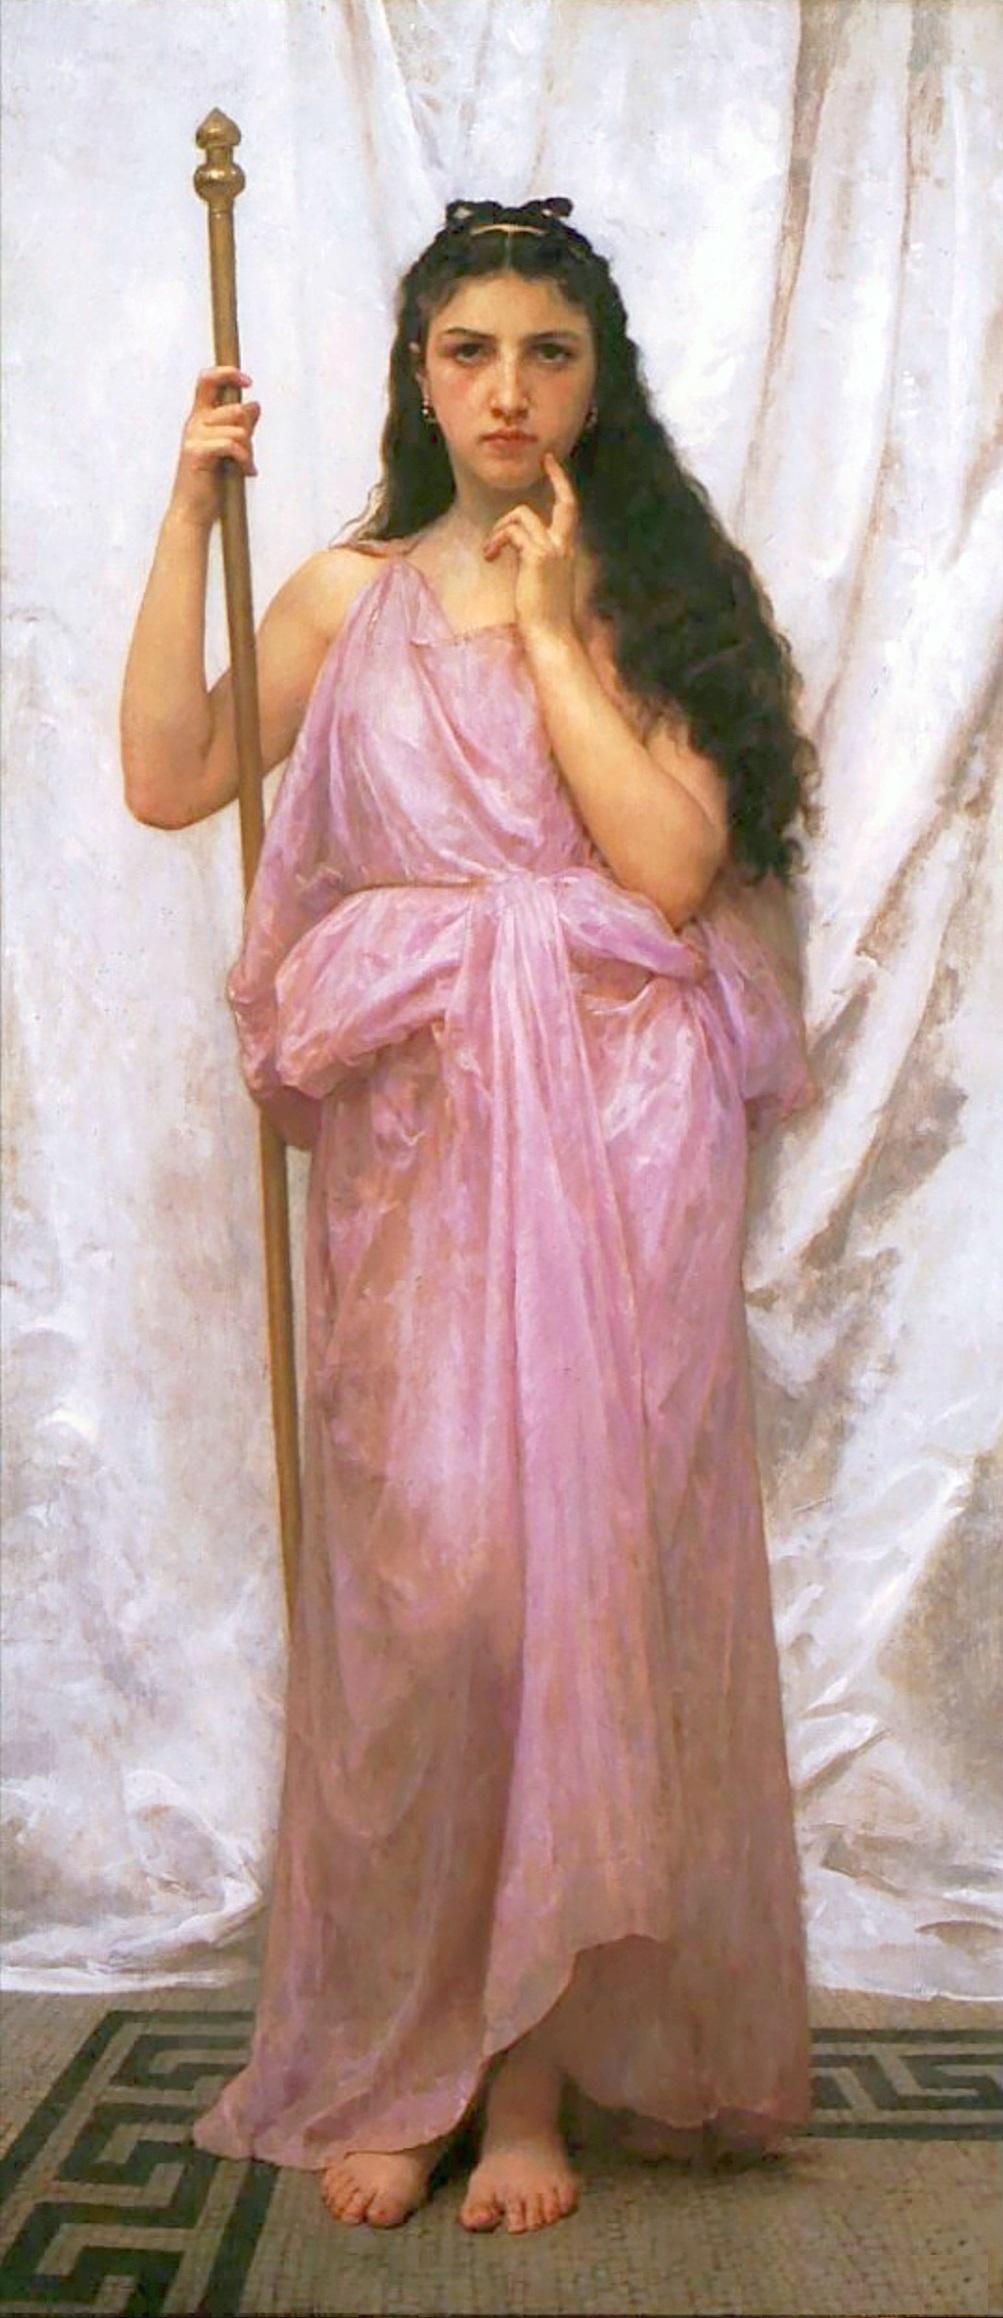 Молодая жрица 1902, художественная галерея университета Рочестера William-Adolphe_Bouguereau_(1825-1905)_-_Young_Priestess_(1902) -1.jpg